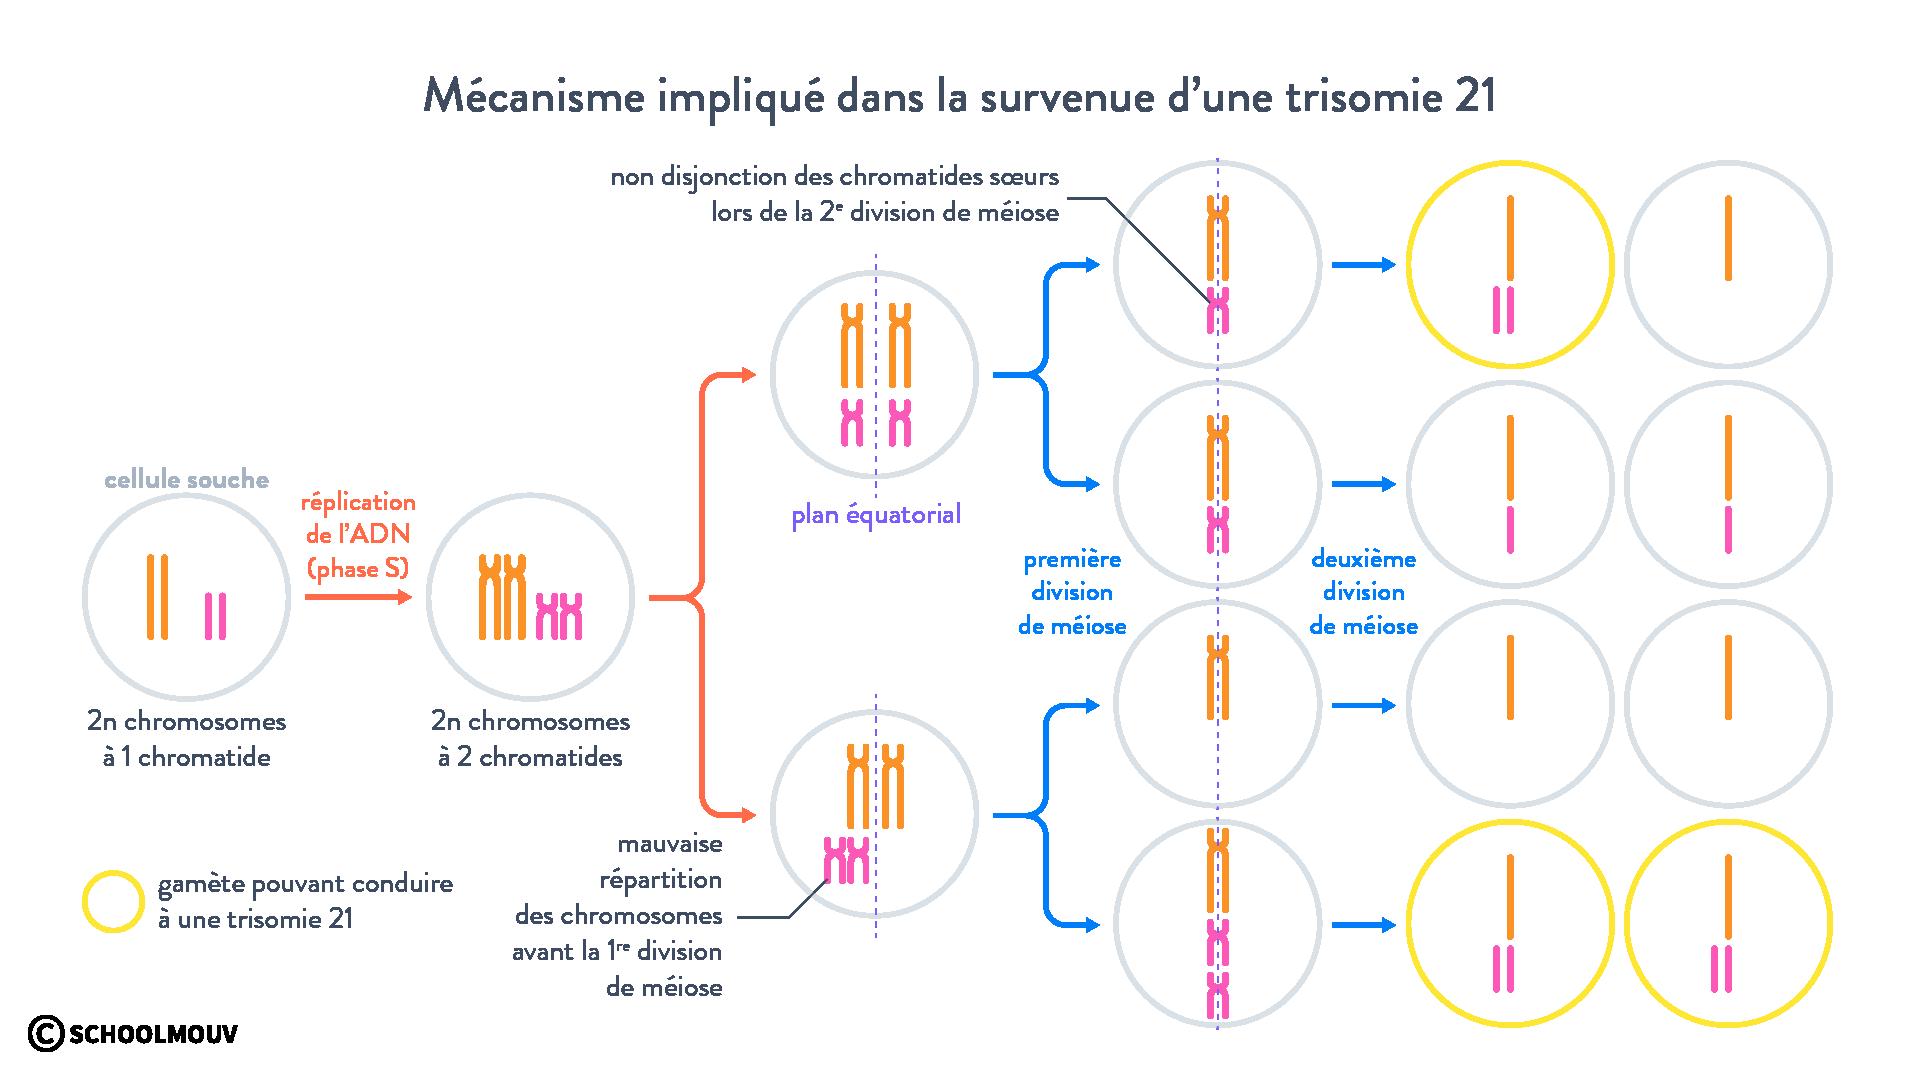 Mécanisme impliqué dans la survenue d'une trisomie21